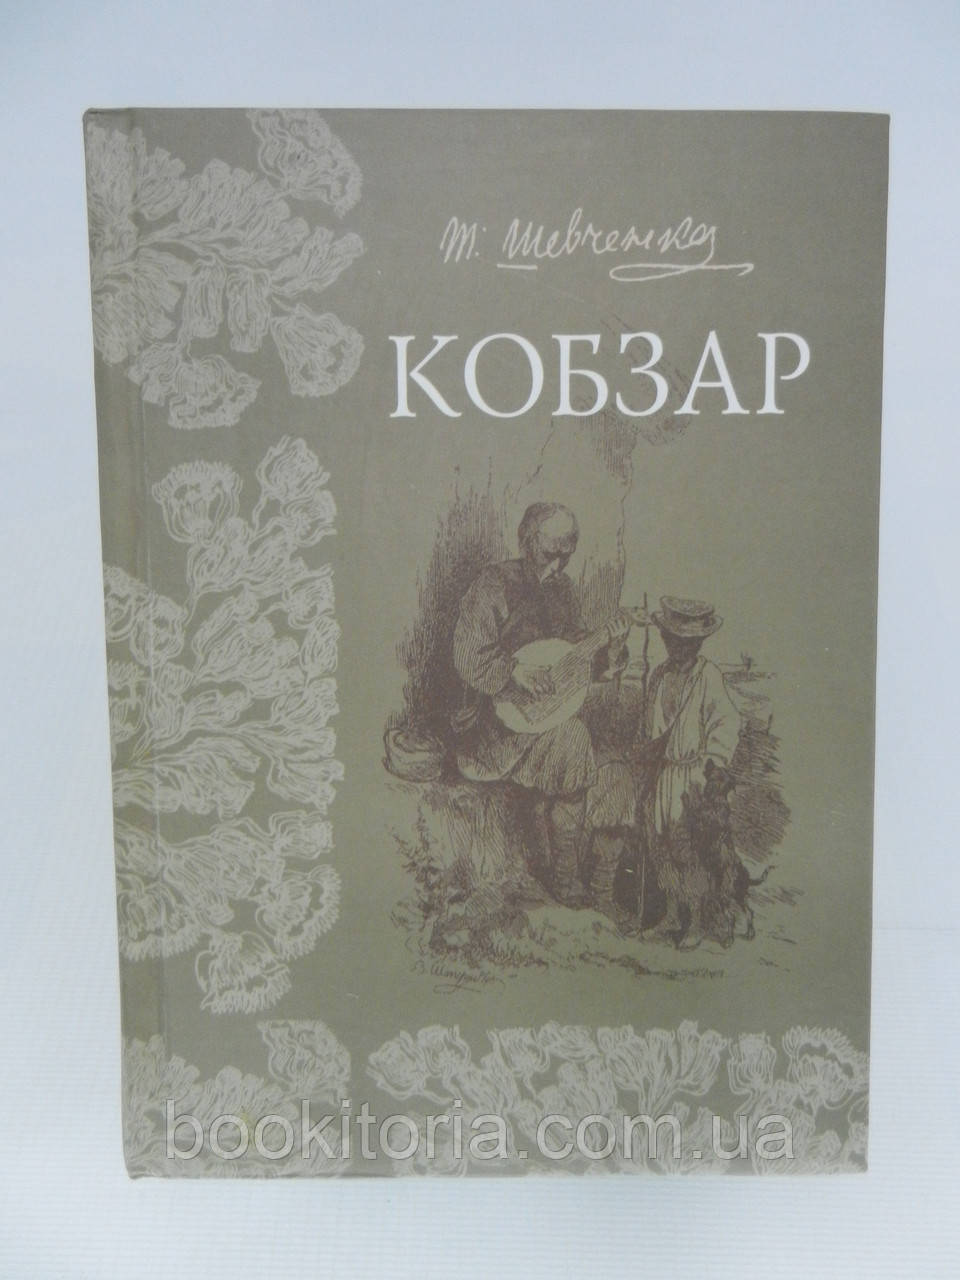 Шевченко Т. Кобзар (б/у).